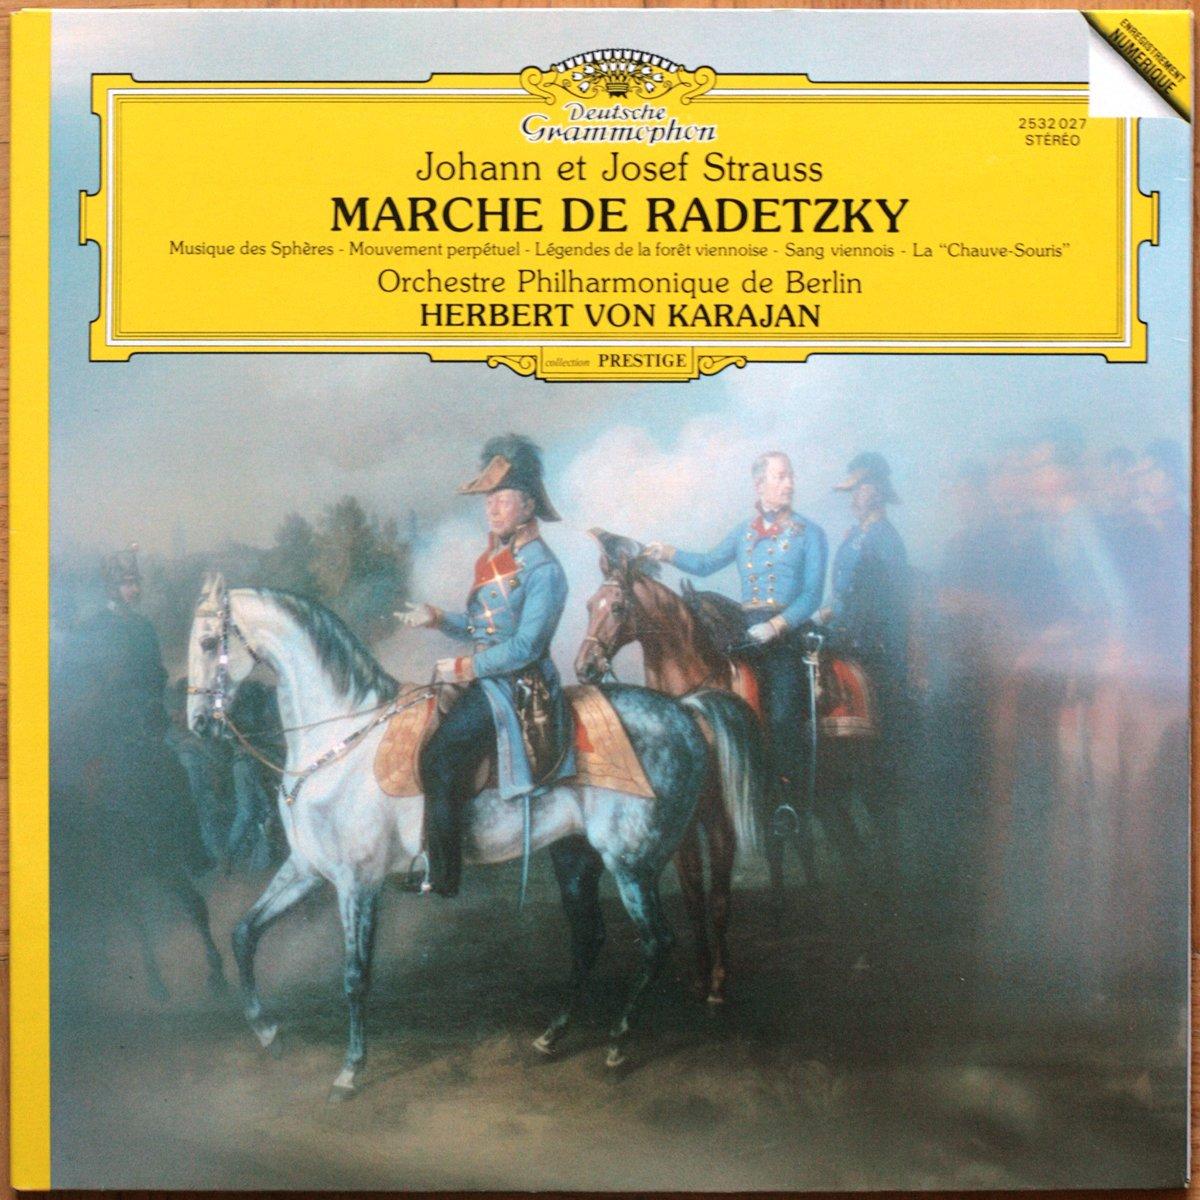 DGG 2532027 Strauss Marche Karajan